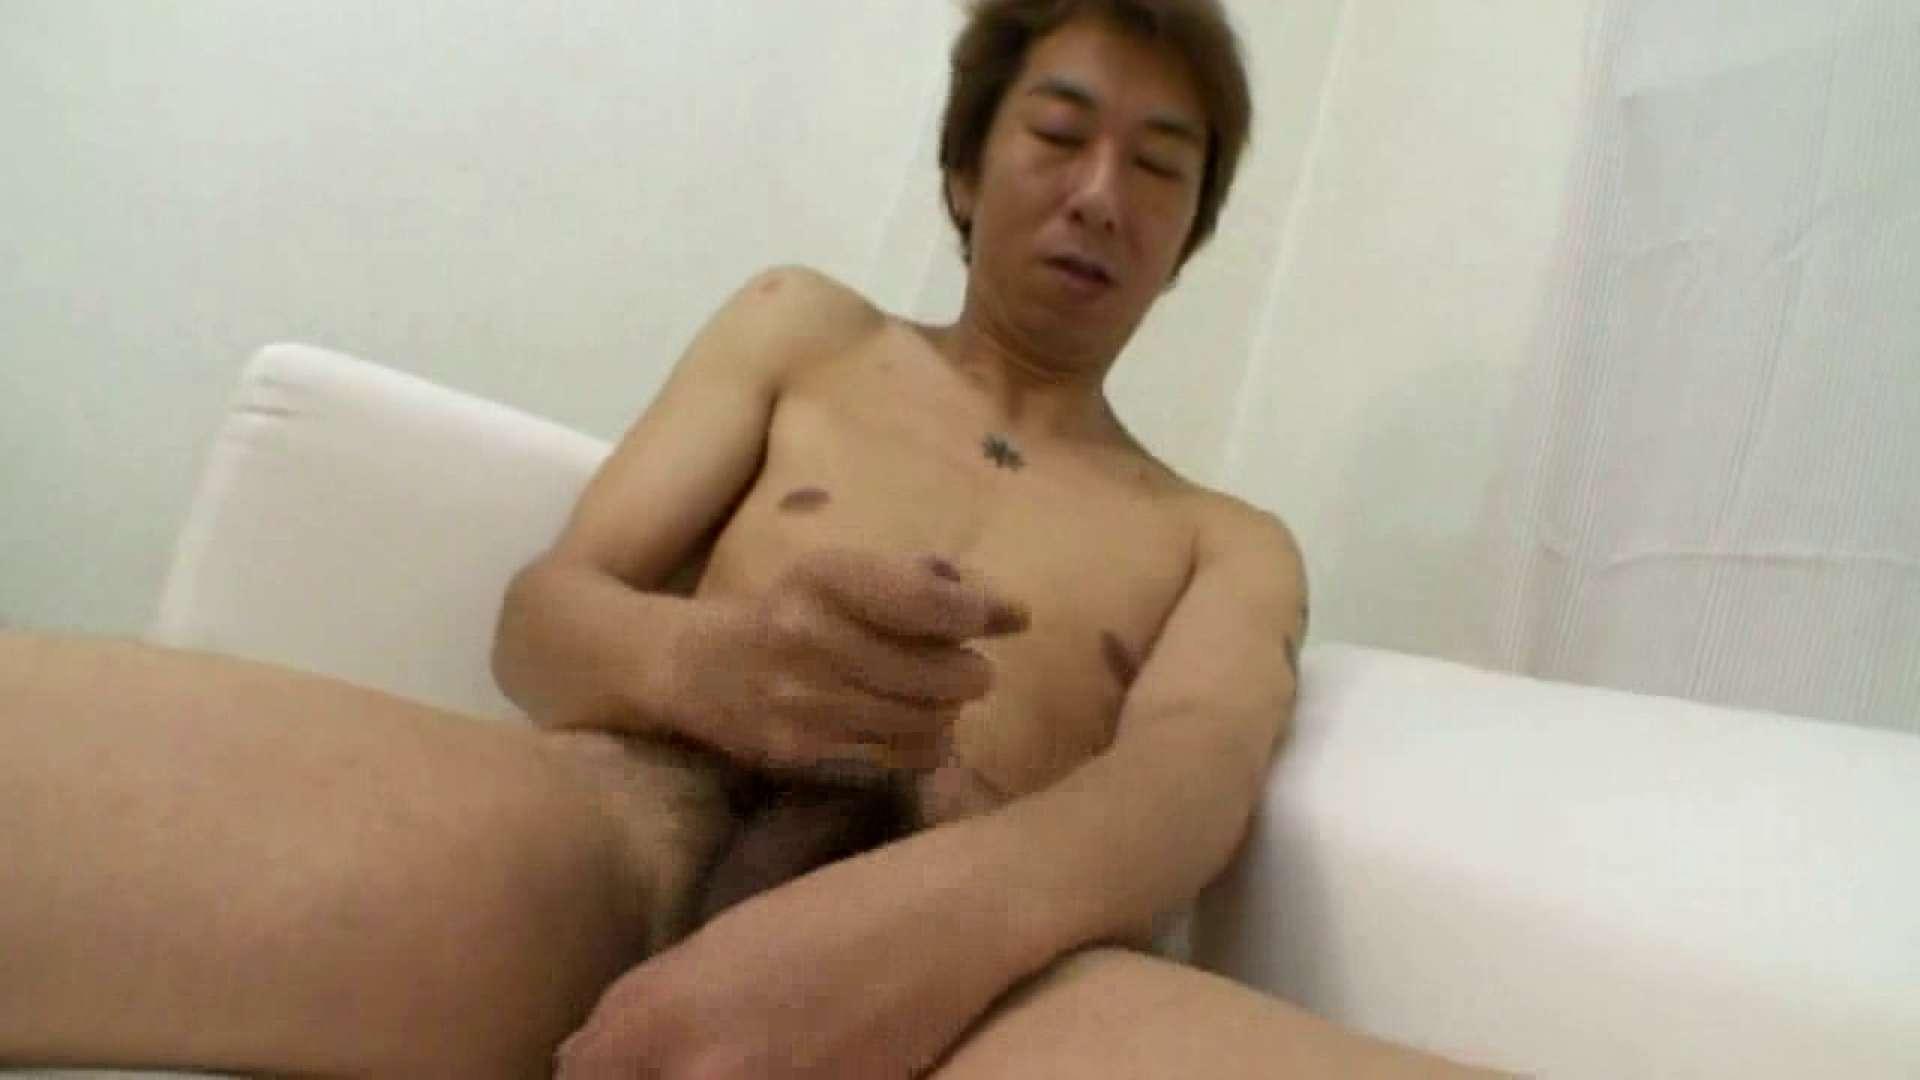 ノンケ!自慰スタジオ No.20 ゲイのオナニー映像  94枚 76